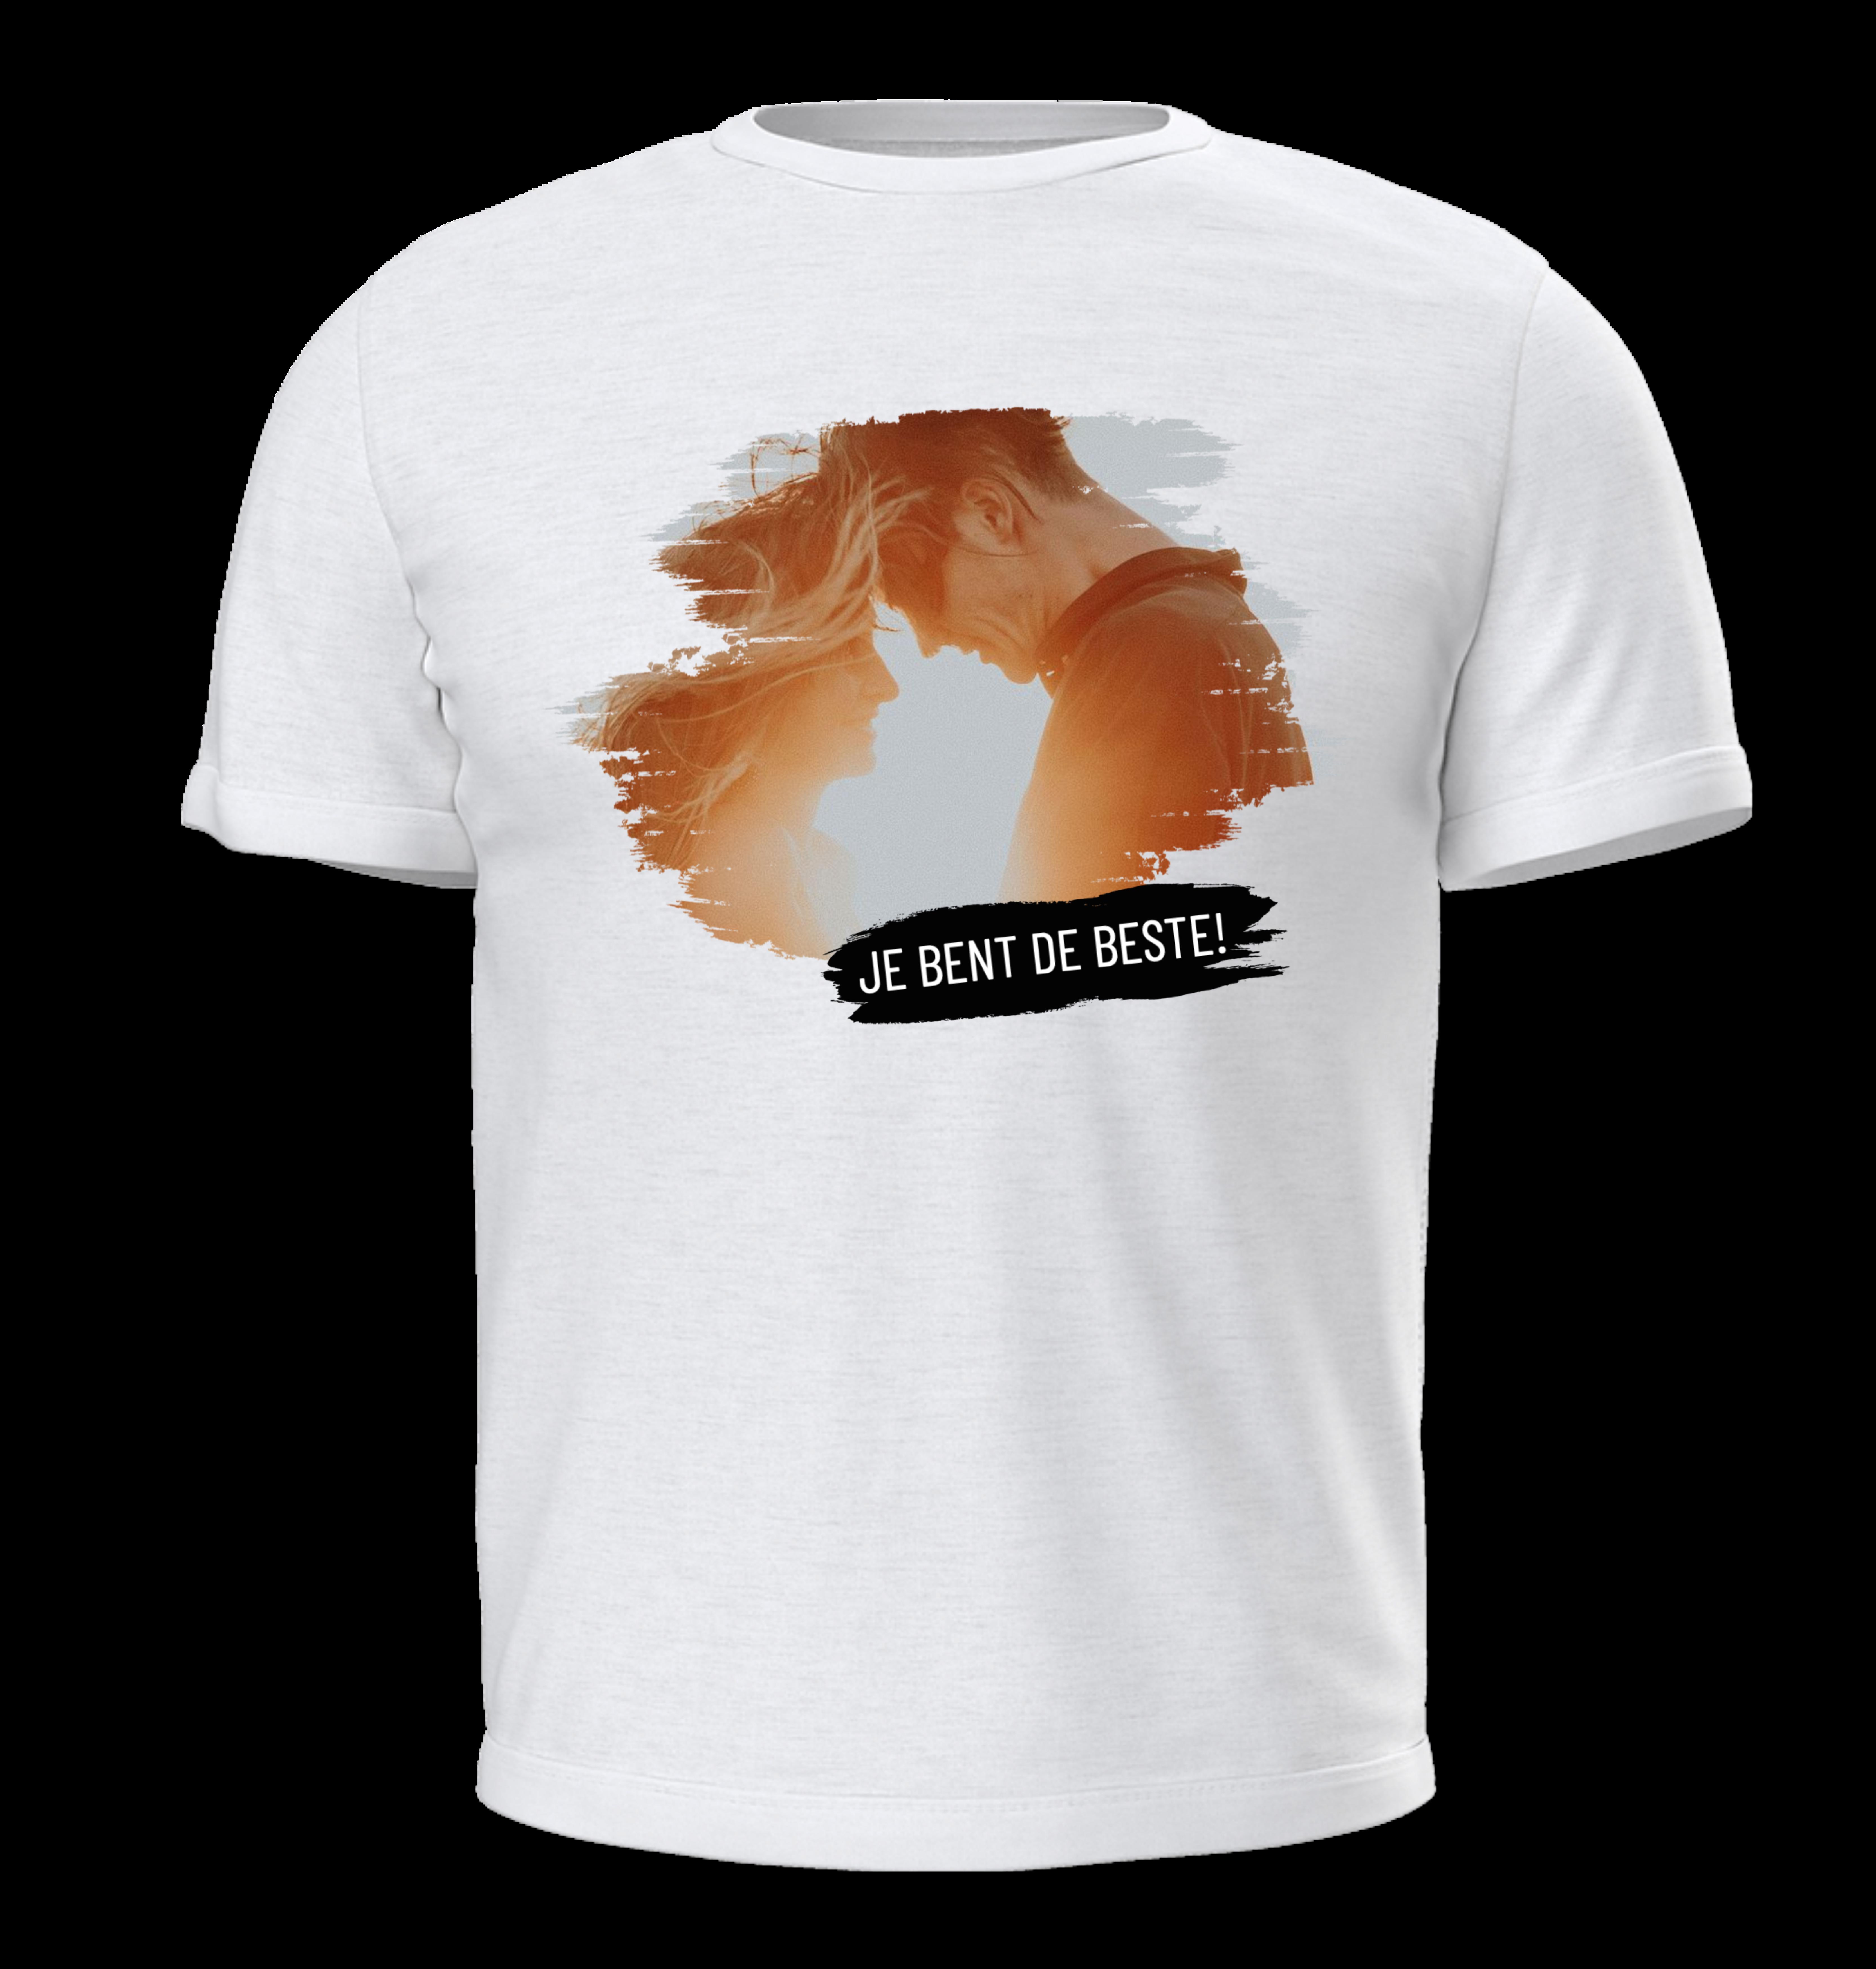 t-shirt _ Frames 008